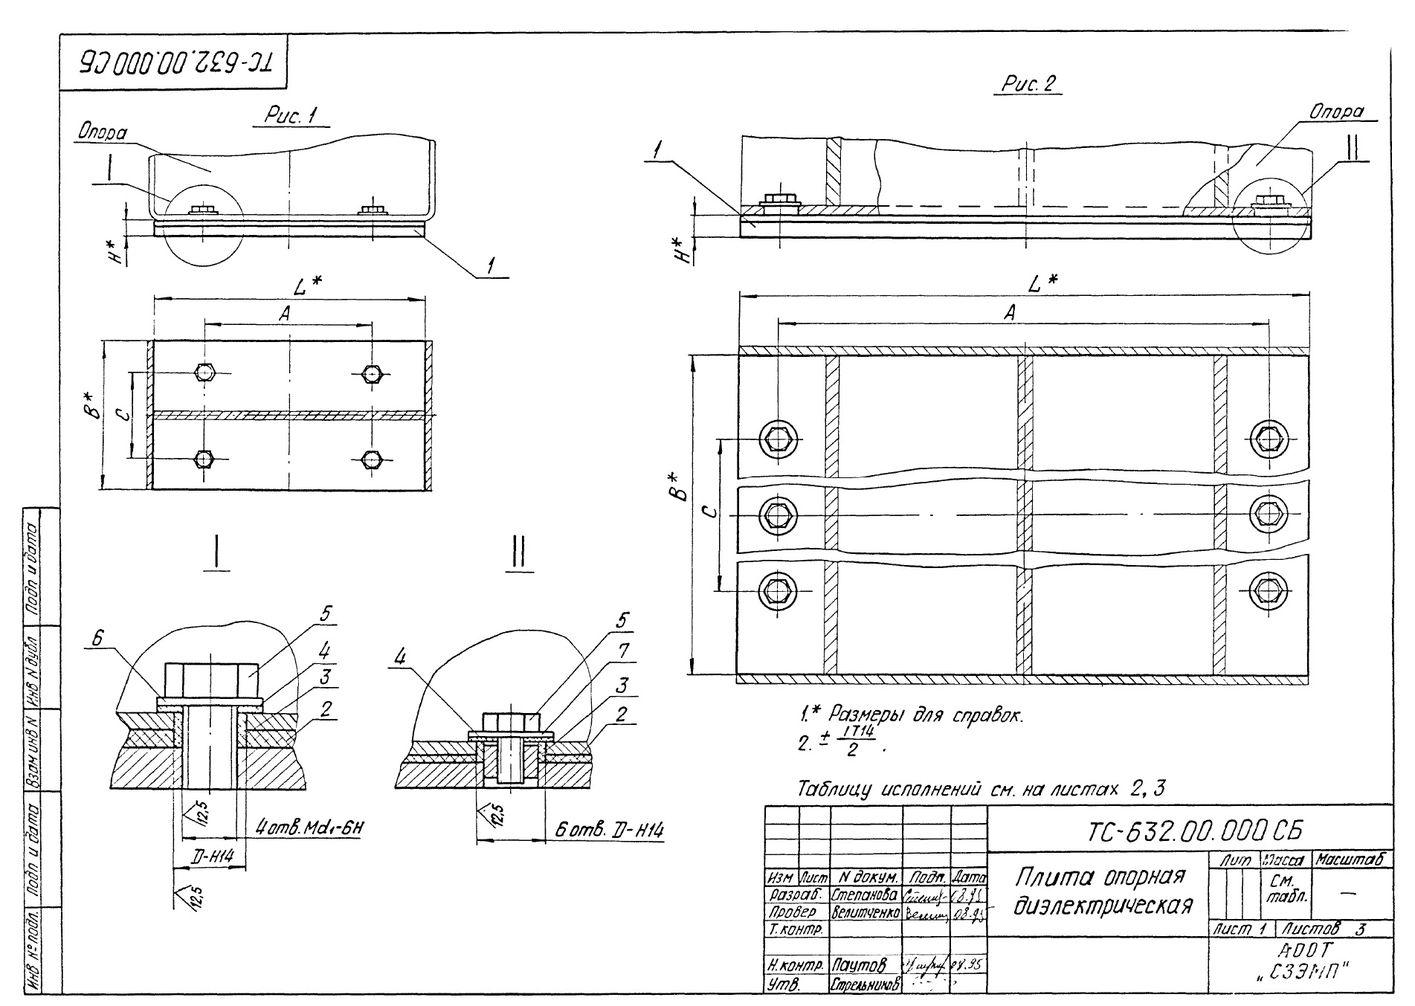 Плита опорная диэлектрическая ТС-632.00.000 серия 5.903-13 выпуск 8-95 стр.1